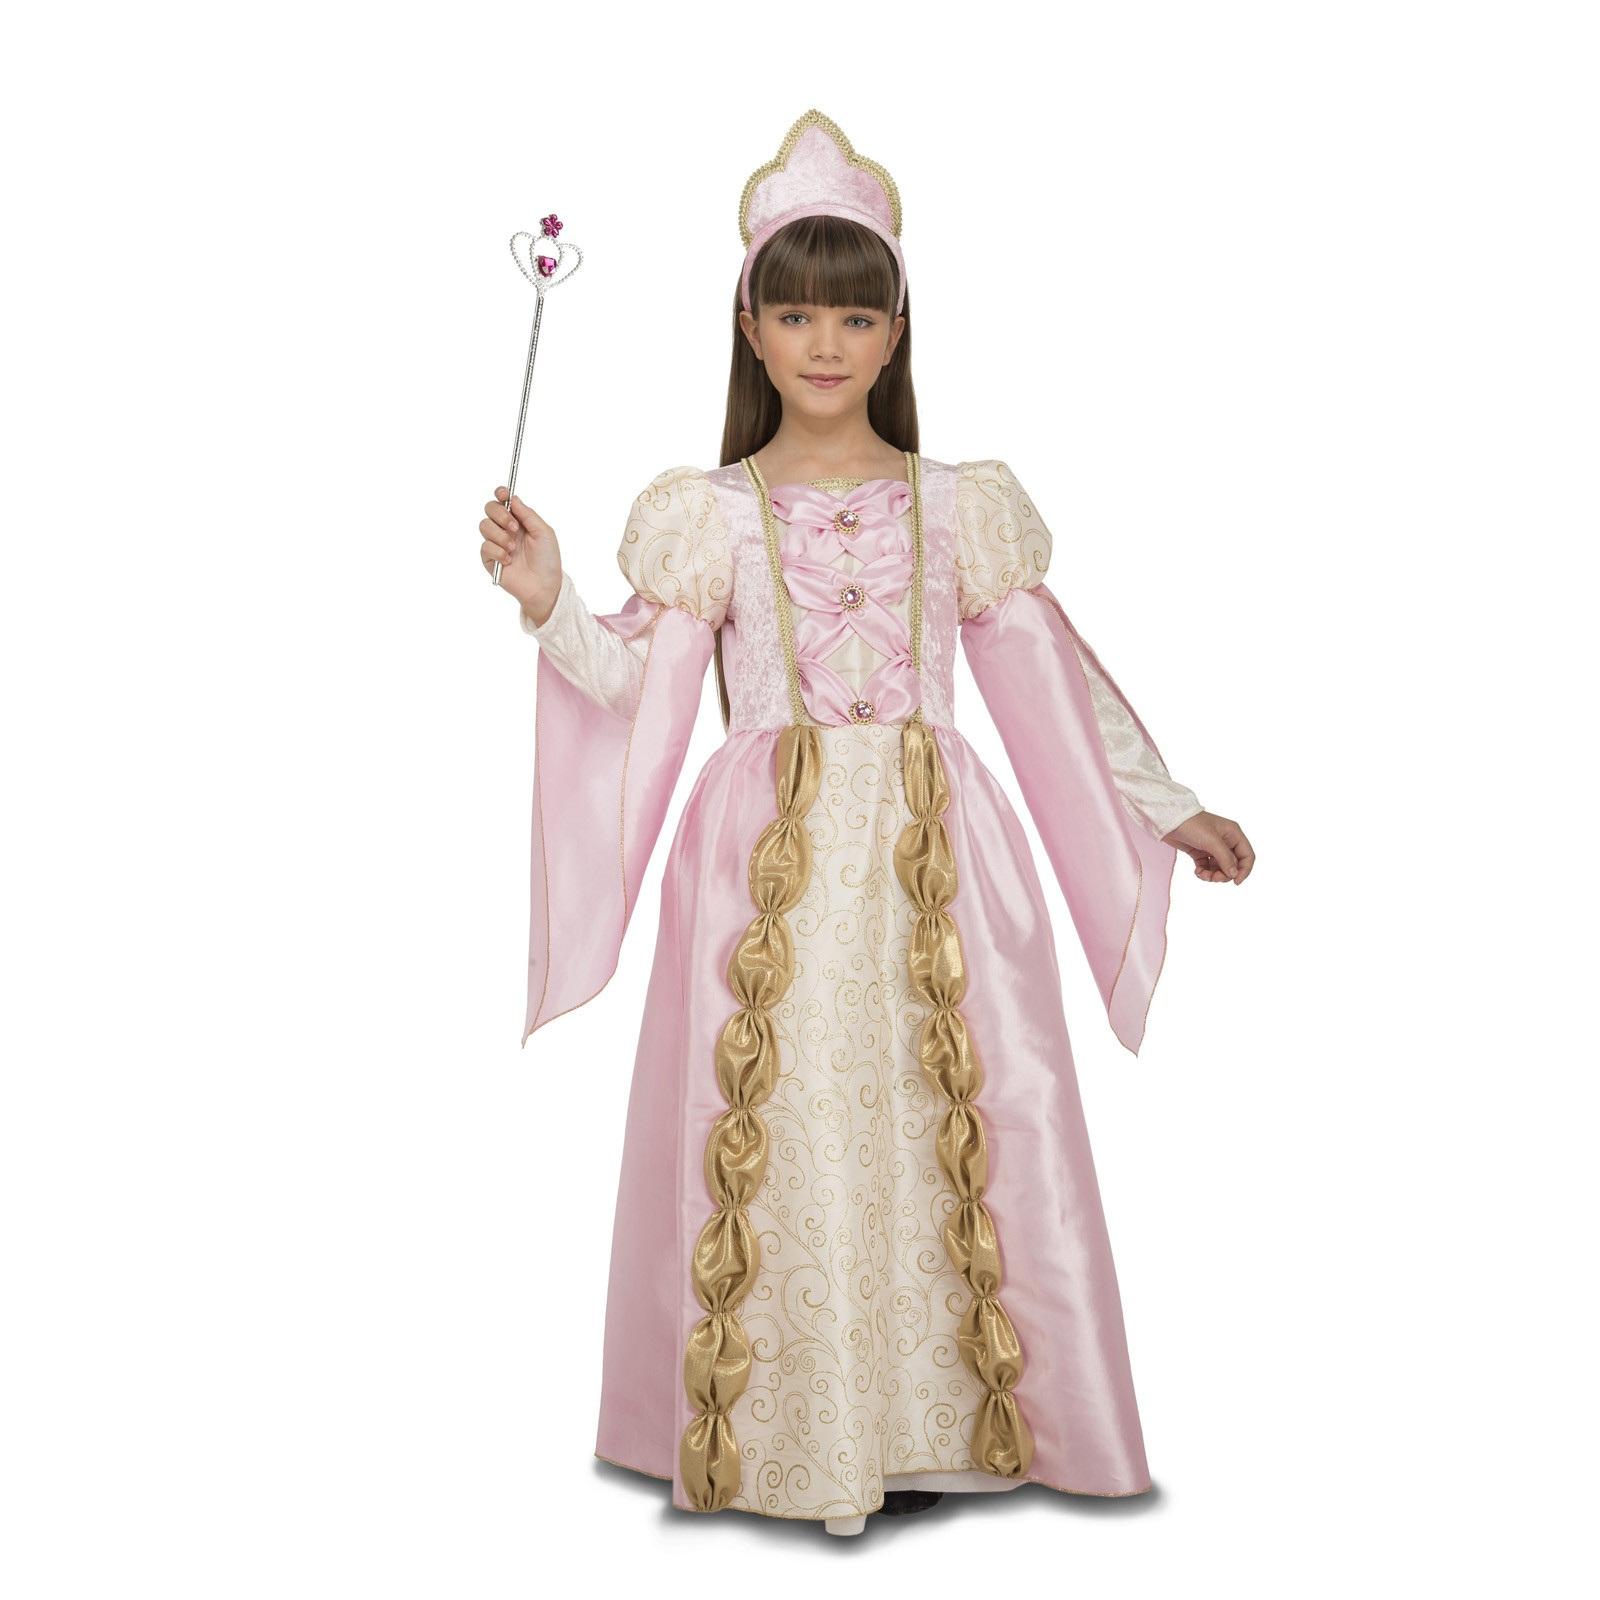 disfraz de reina rosa niña 204116mom - DISFRAZ DE REINA ROSA NIÑA